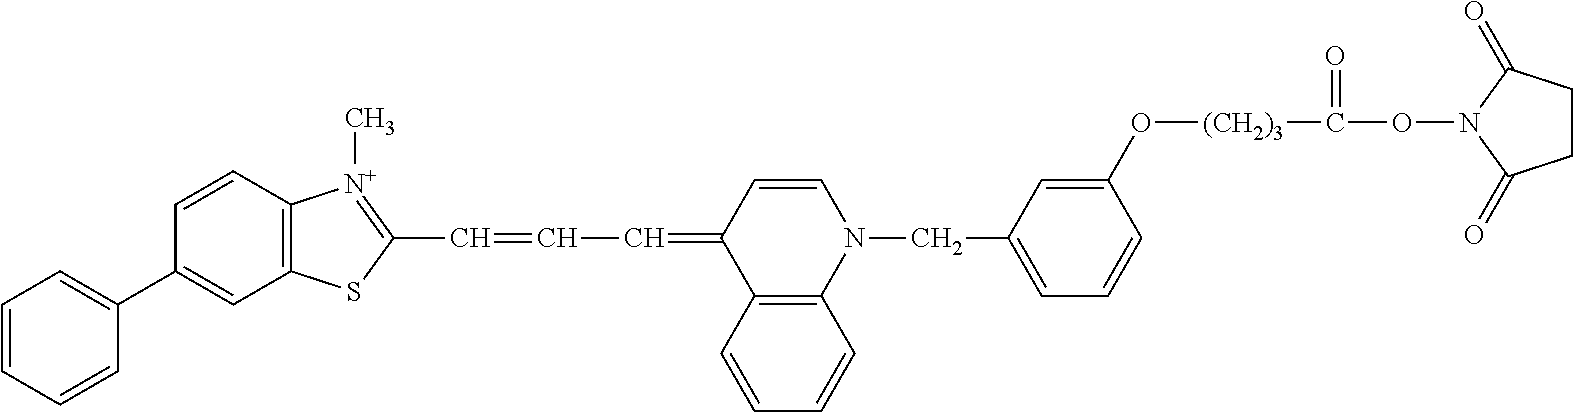 Figure US09115397-20150825-C00108